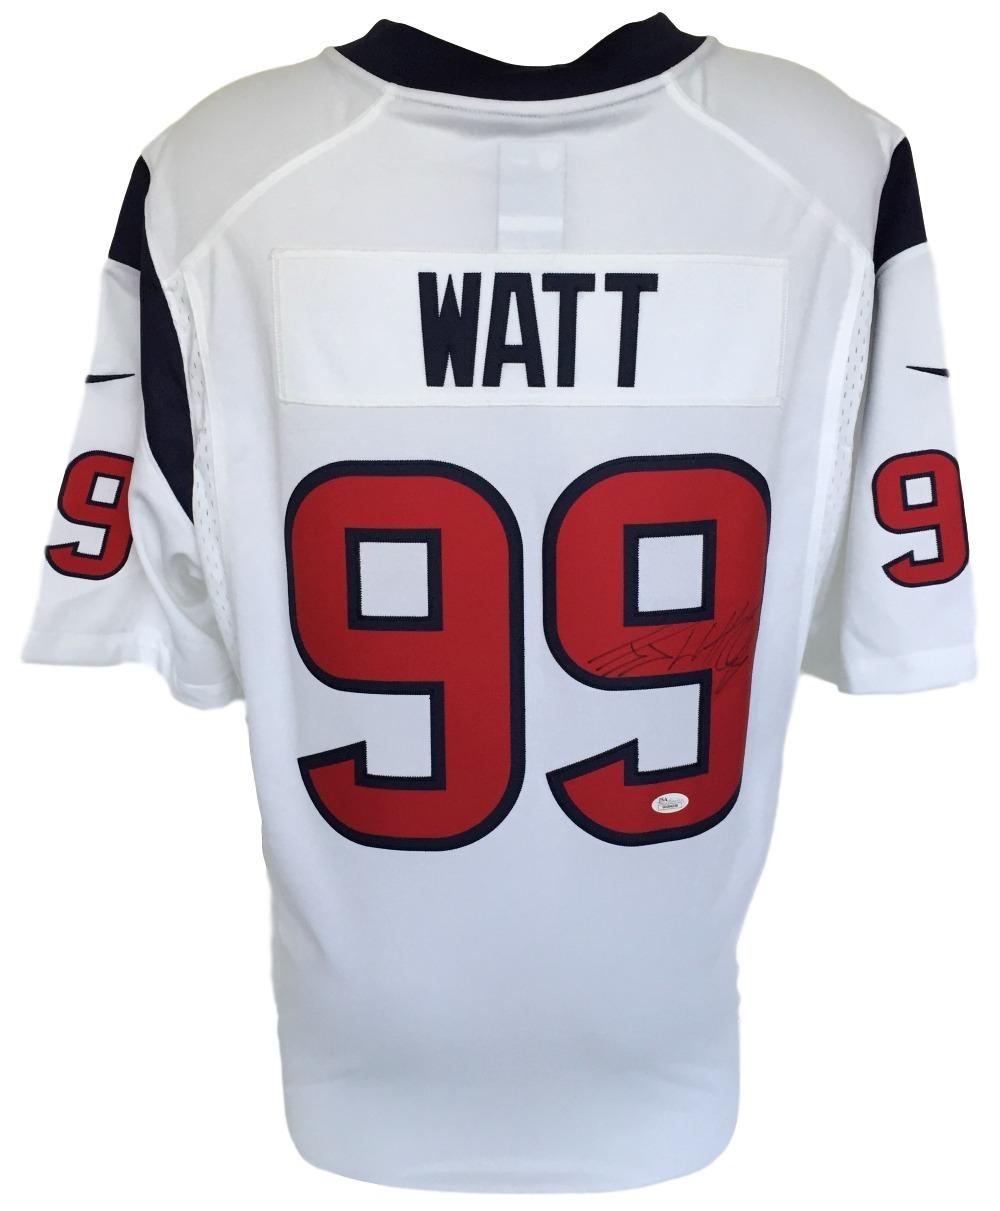 jj watt football jersey